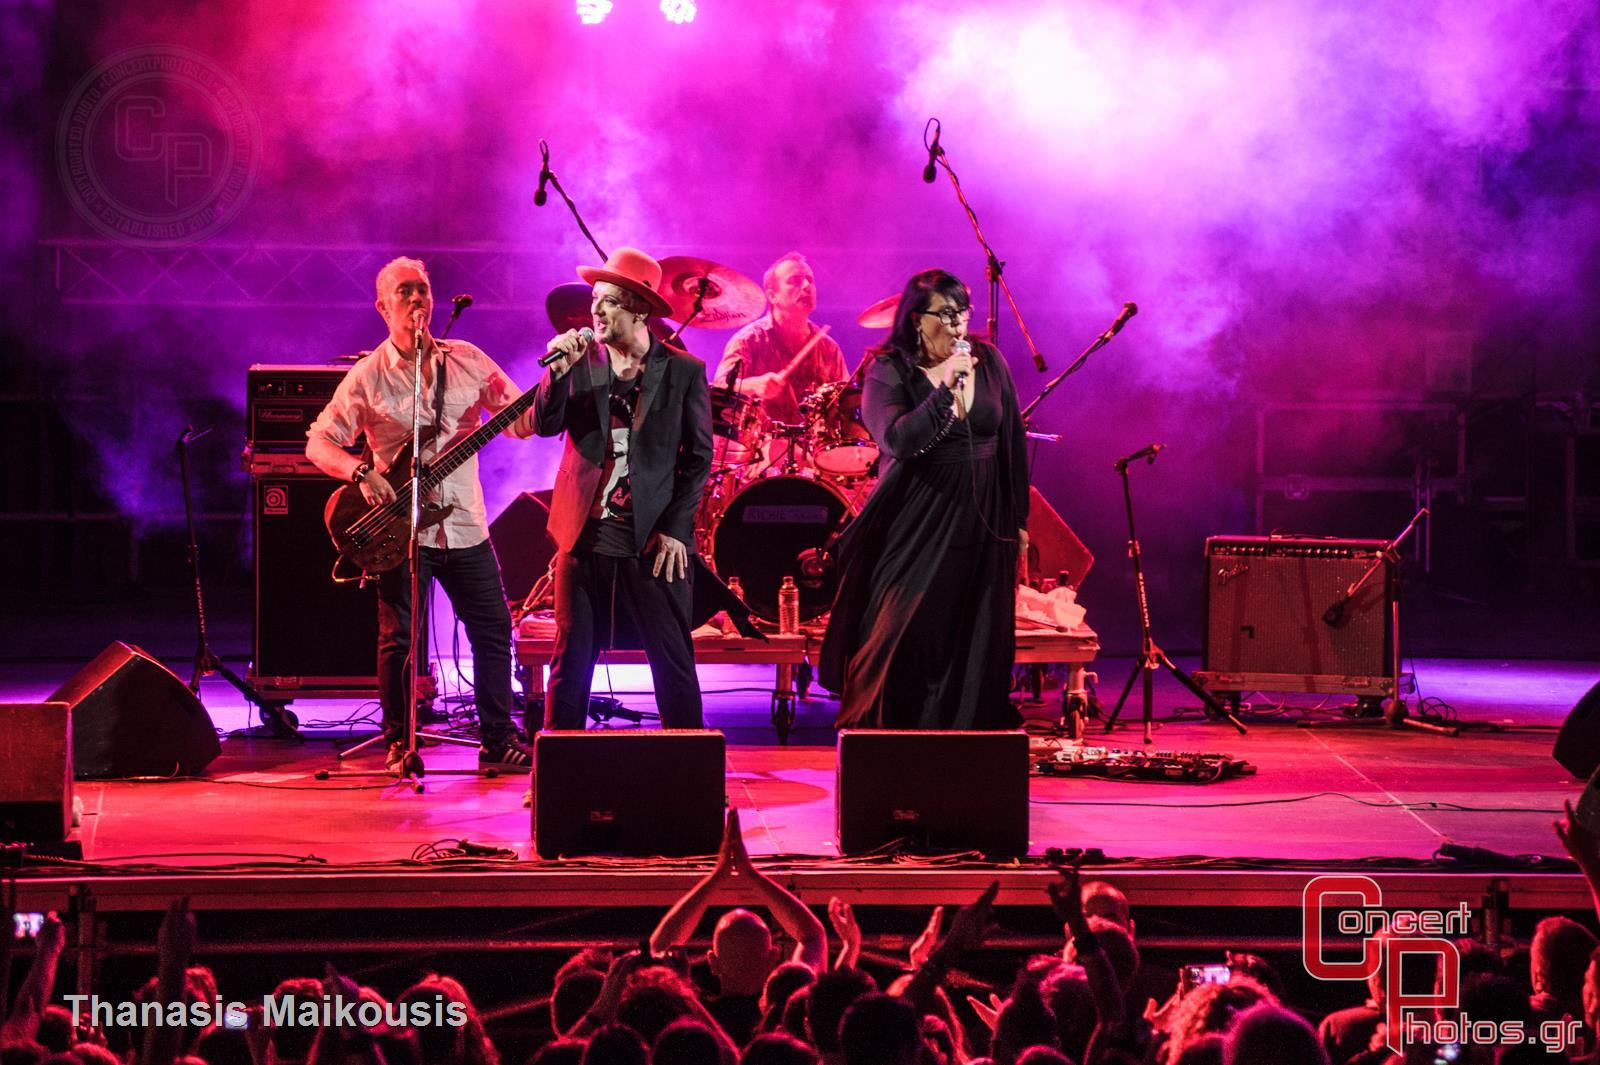 En Lefko 2014-En Lefko 2014 photographer: Thanasis Maikousis - concertphotos_20140621_23_54_54